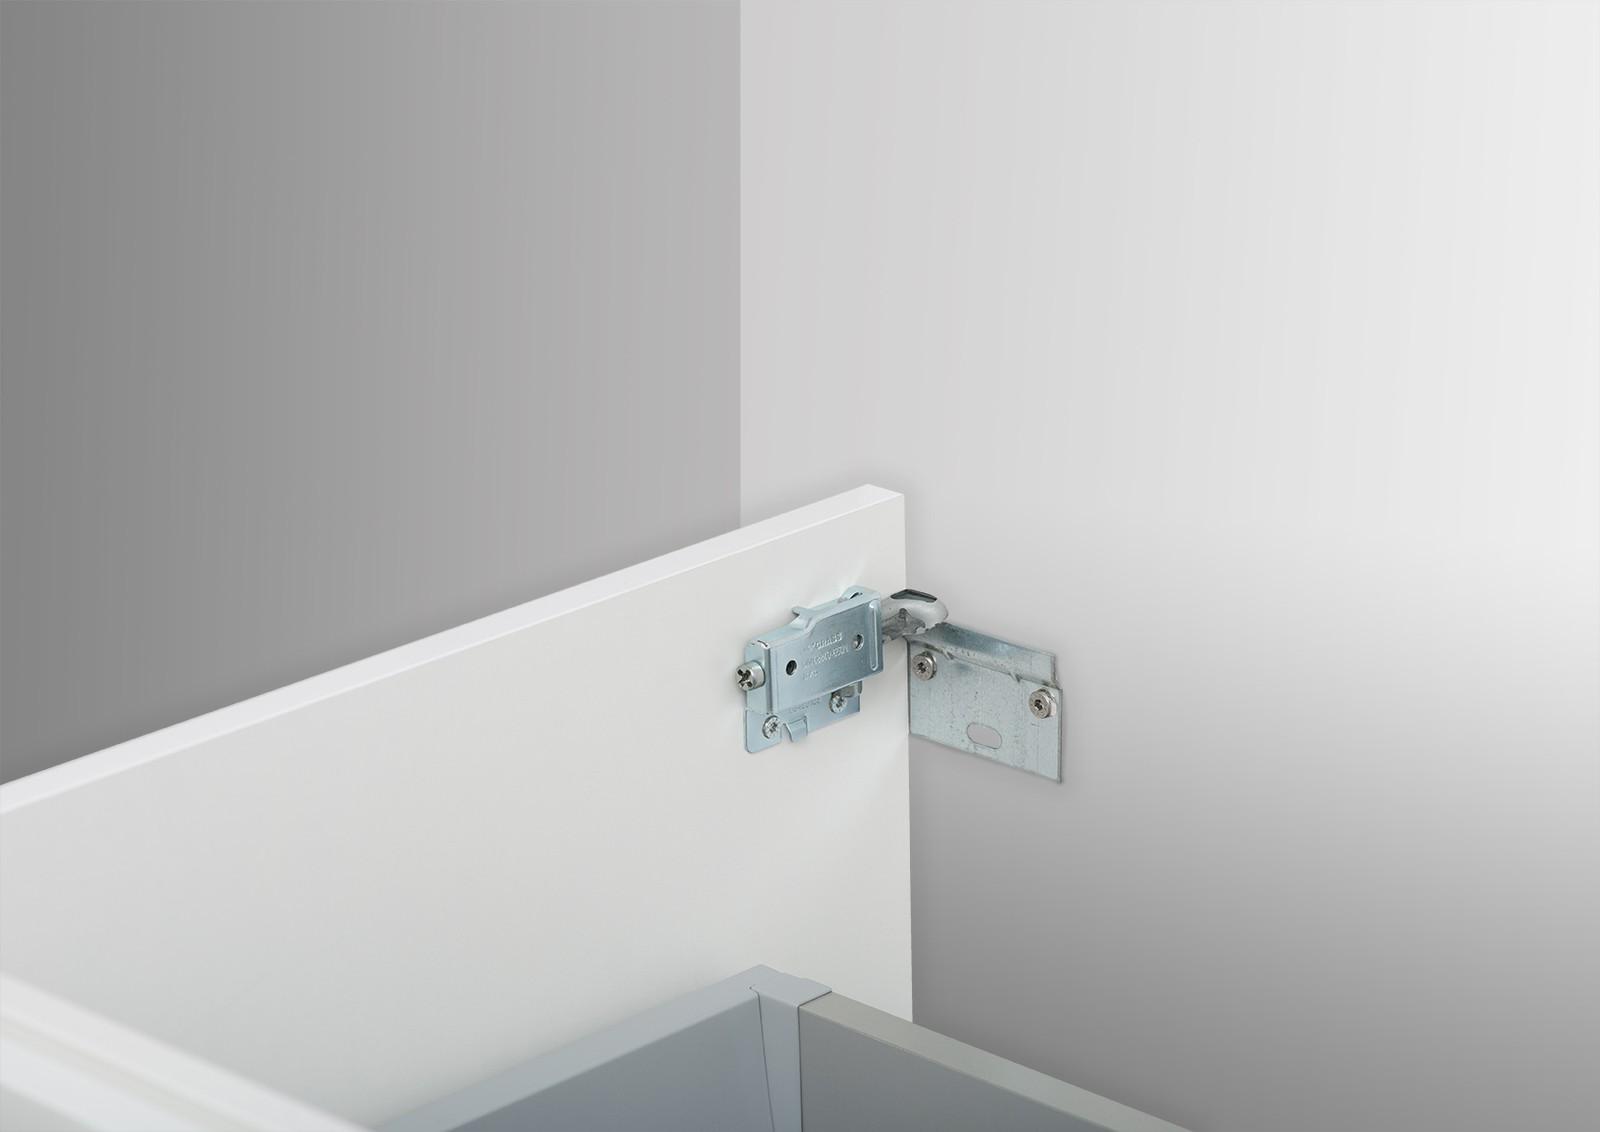 waschtisch unterschrank zu keramag myday doppelwaschtisch 130 cm waschbeckenunterschrank. Black Bedroom Furniture Sets. Home Design Ideas